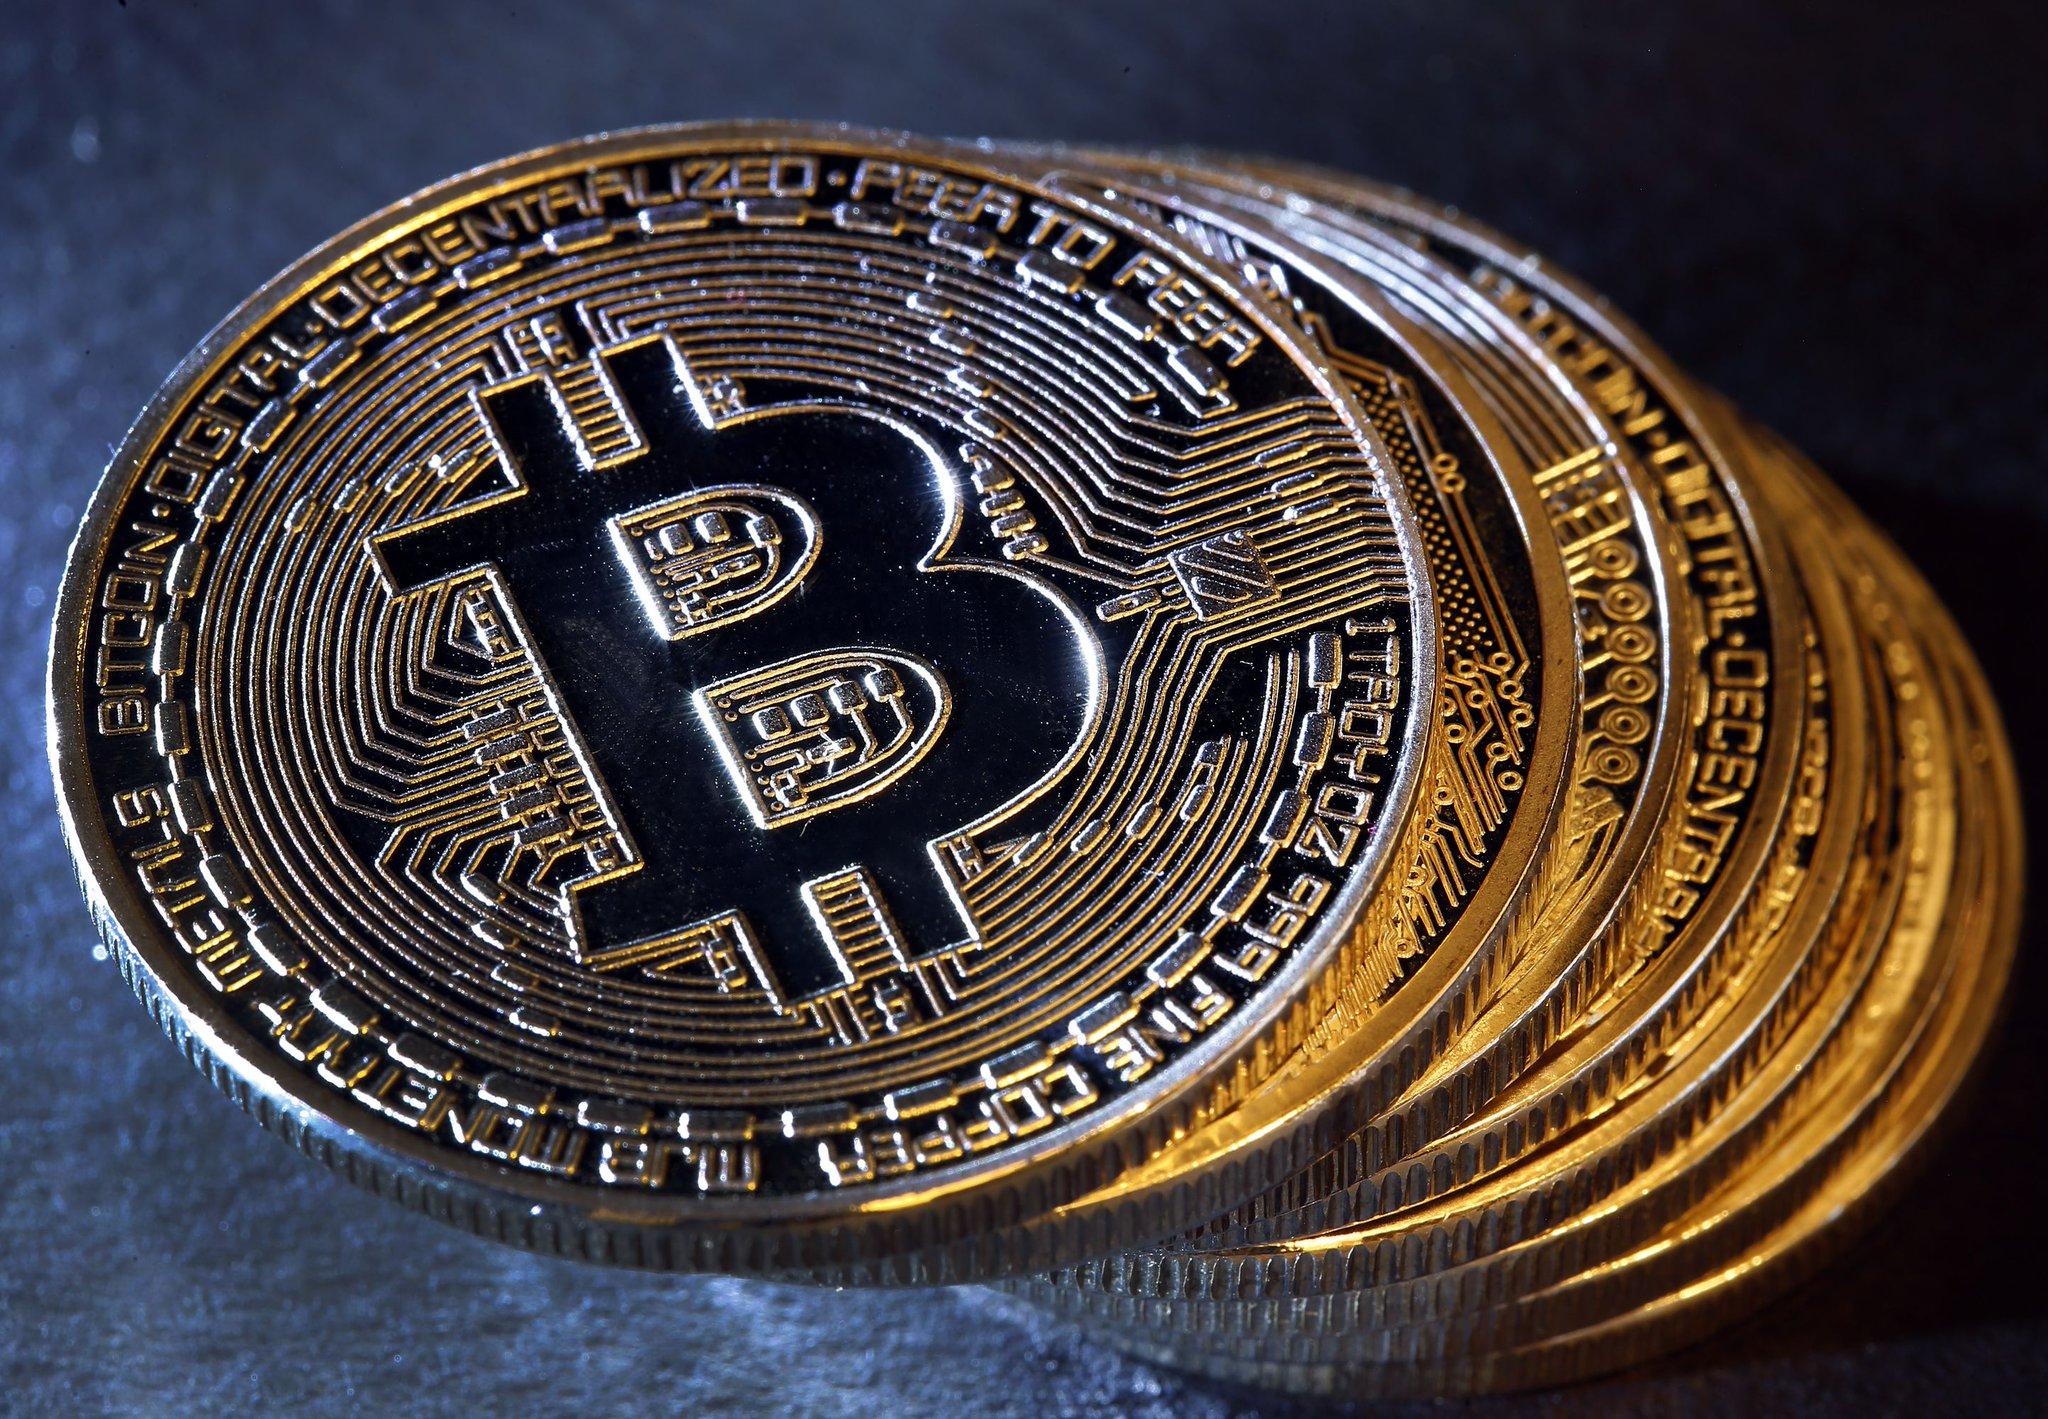 نتیجه تصویری برای bitcoin